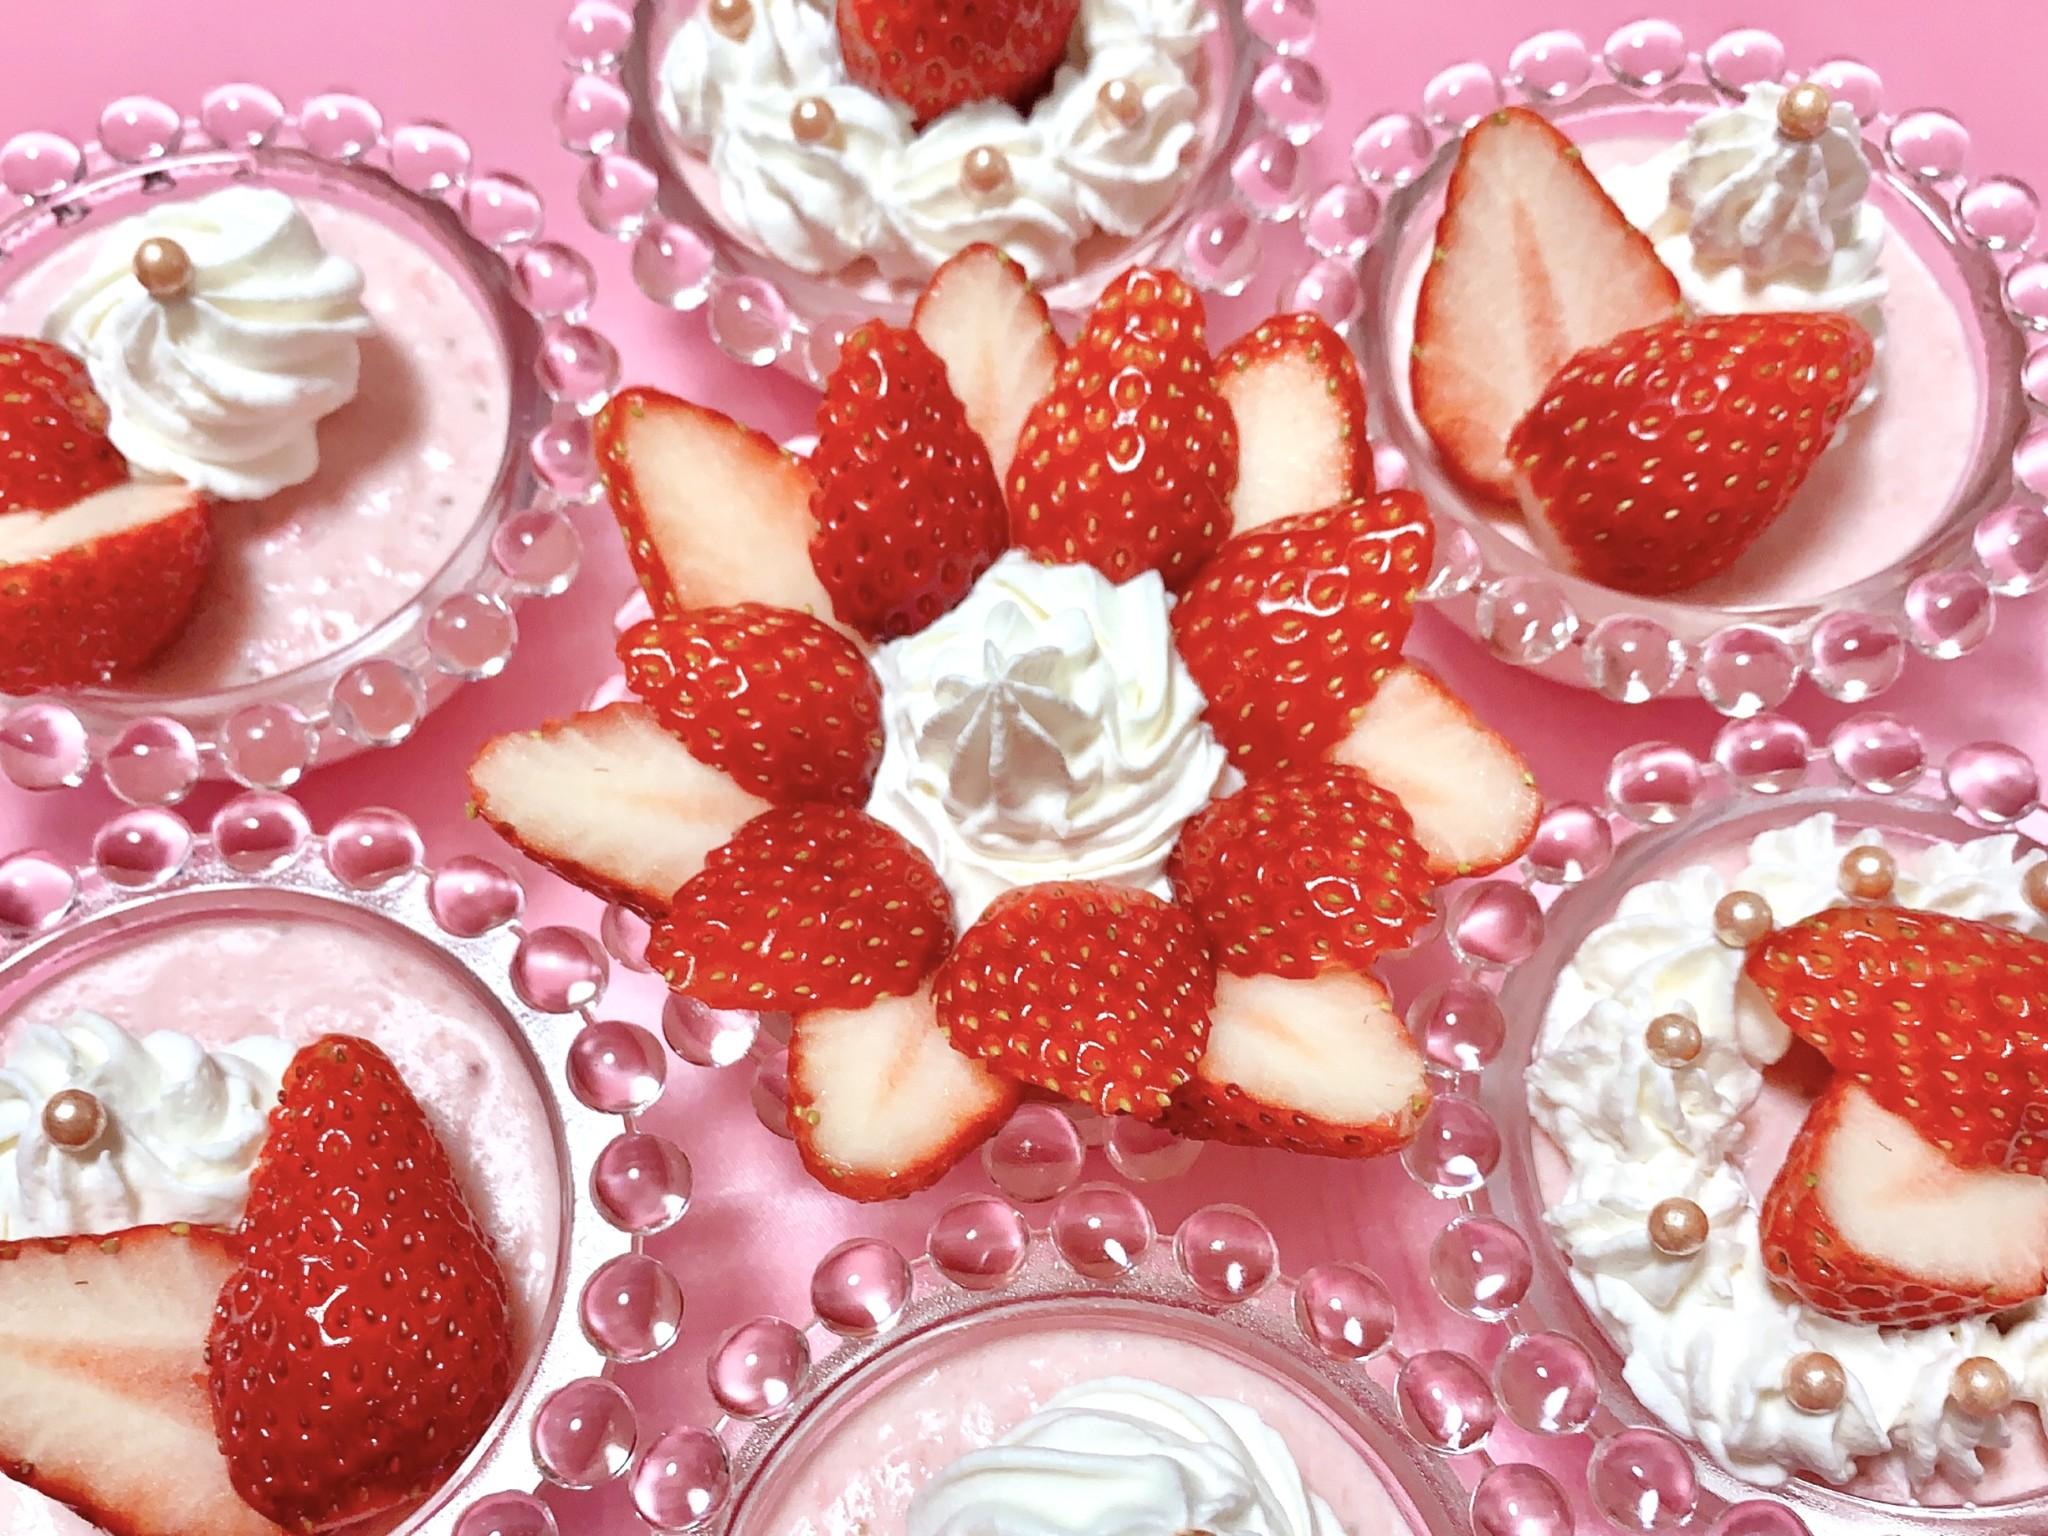 【簡単レシピ】可愛いいちごババロアの作り方7